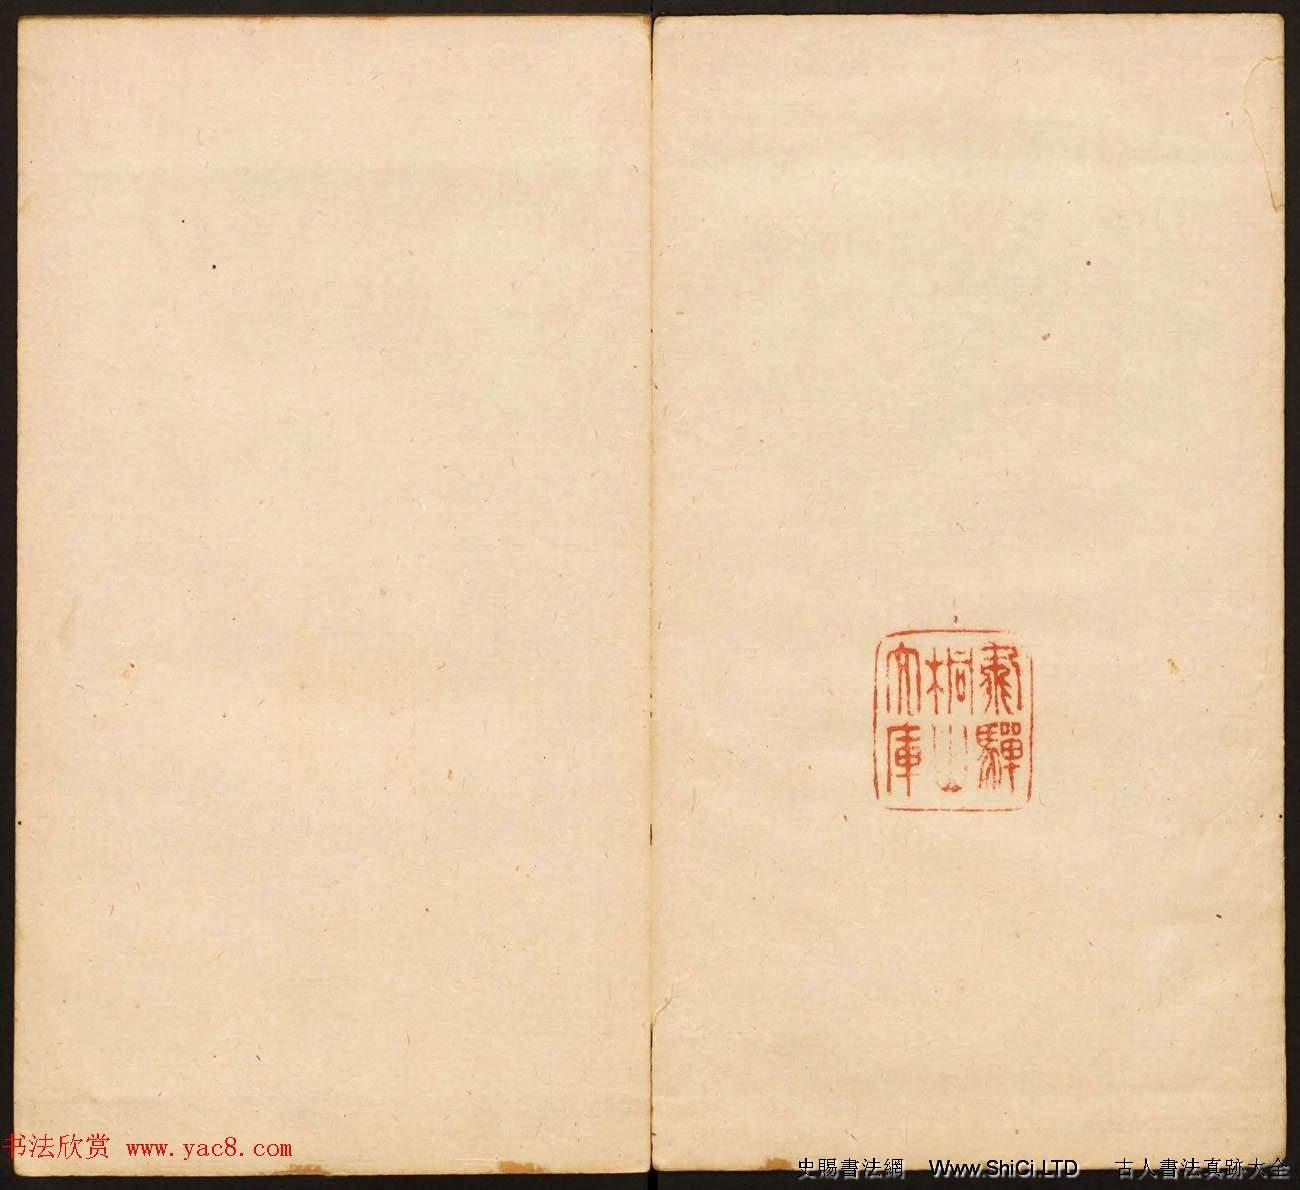 《戲鴻堂法書》第十二冊清拓本